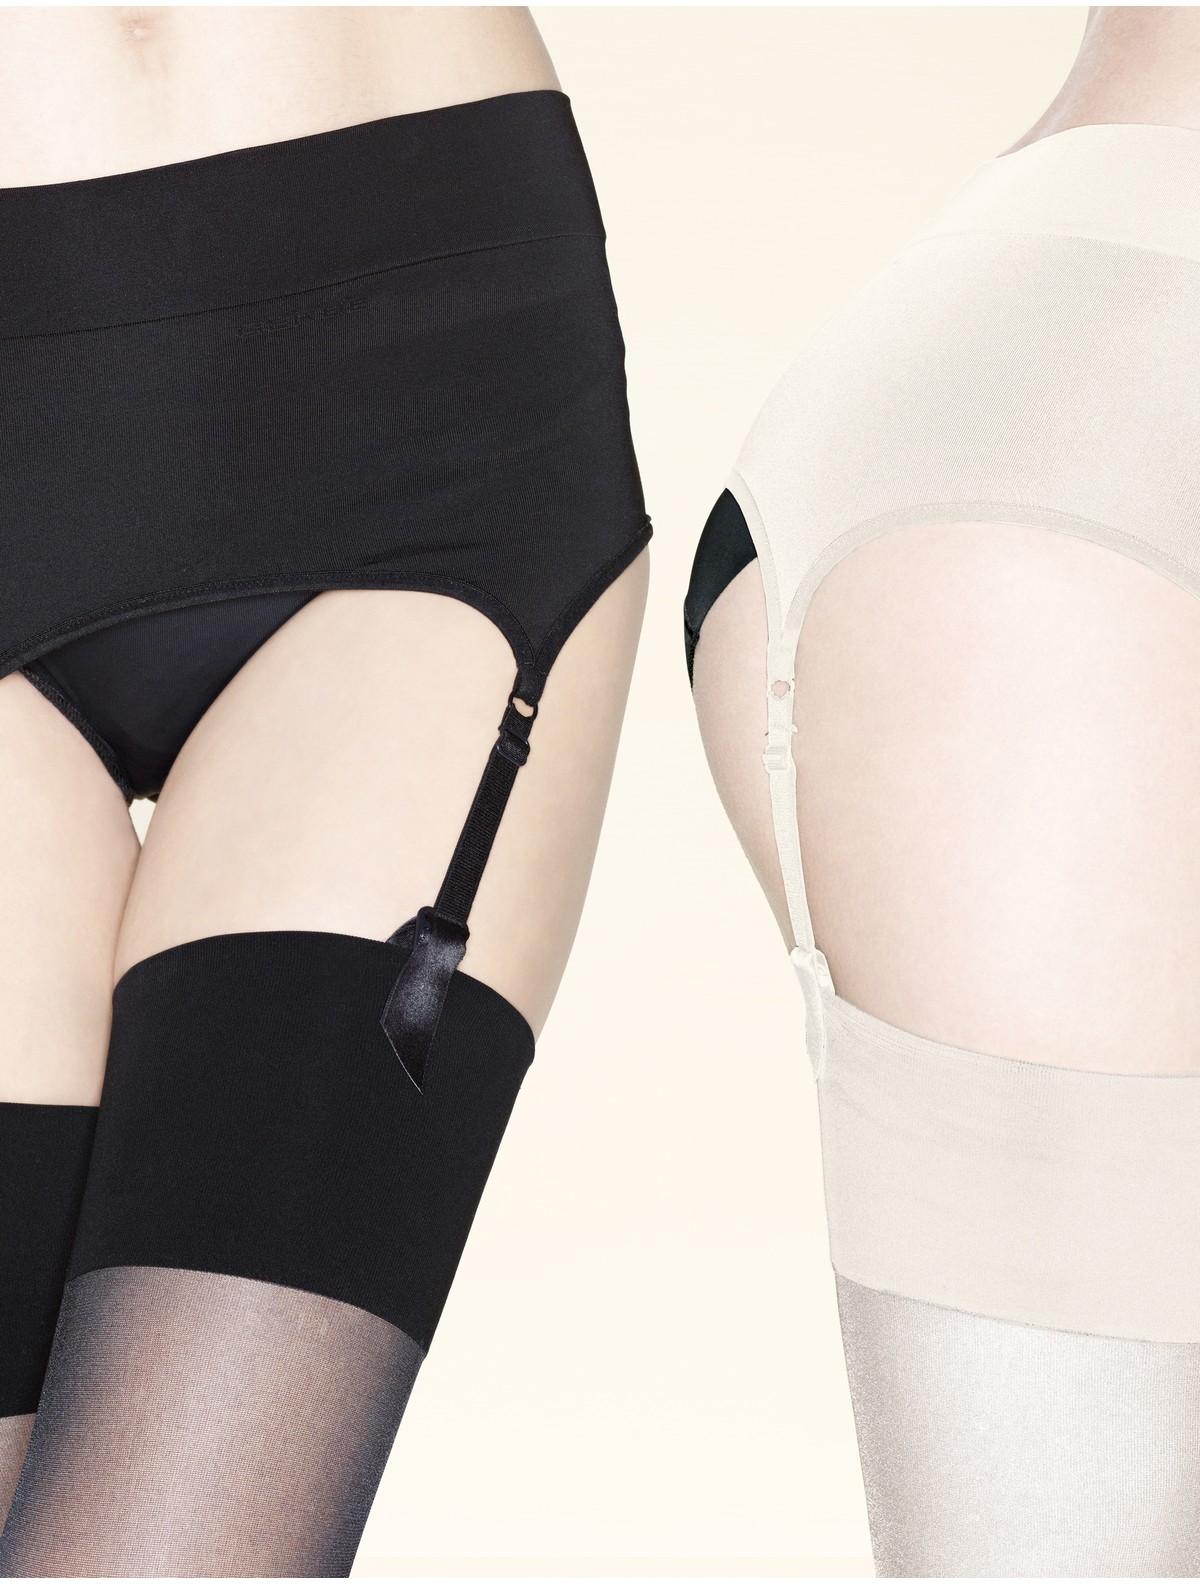 gerbe porte jarretelles sensation garter belt. Black Bedroom Furniture Sets. Home Design Ideas